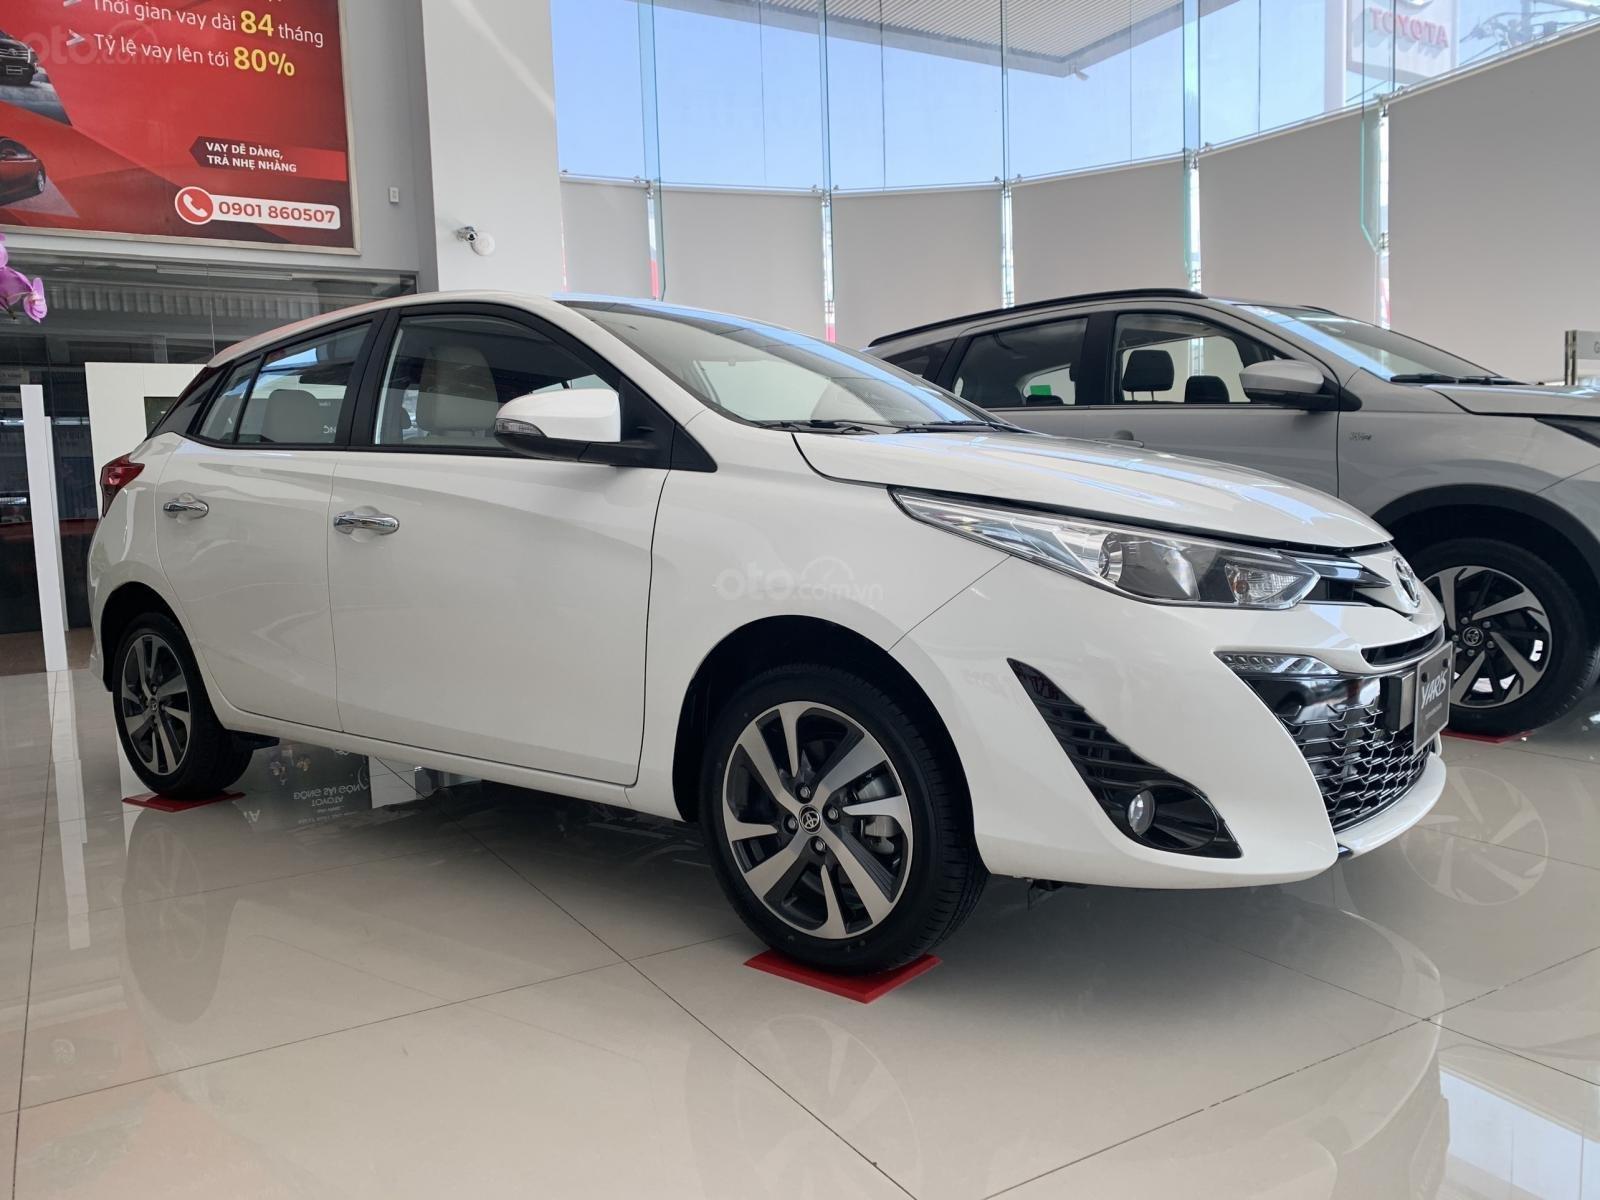 Toyota Yaris giao ngay - đủ màu - khuyến mãi ưu đãi (2)